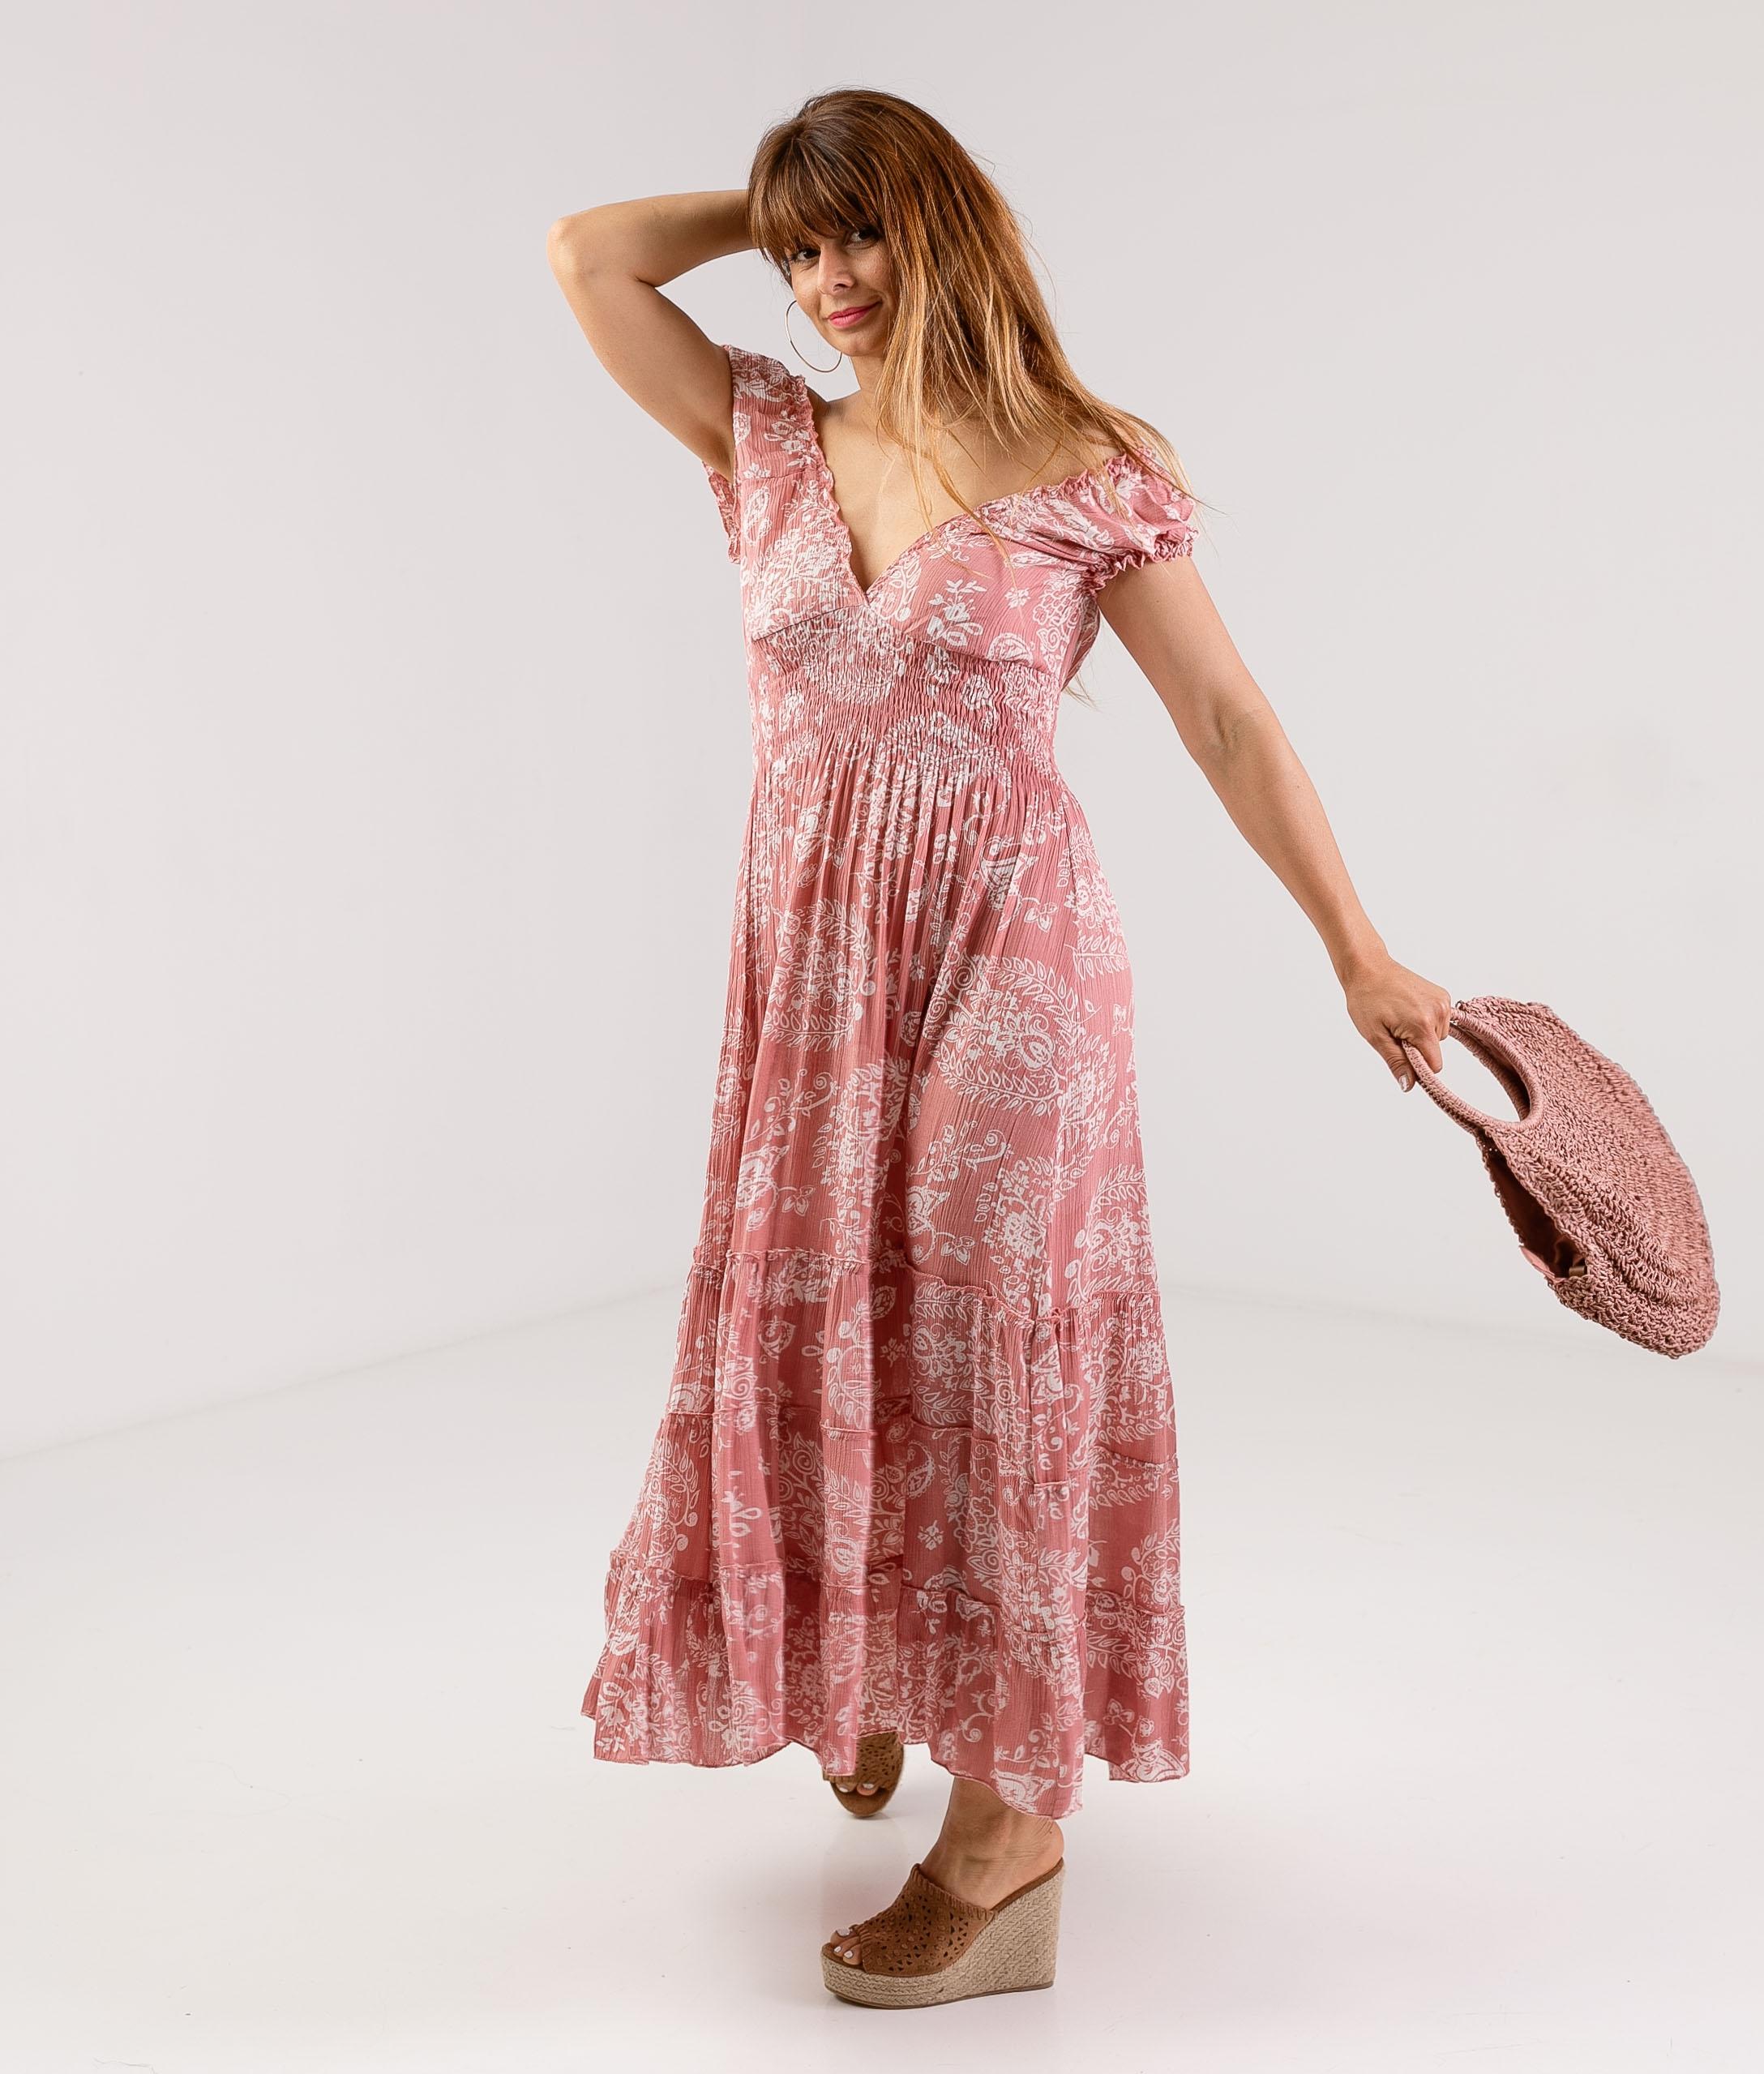 DRESS KILCRE - PINK